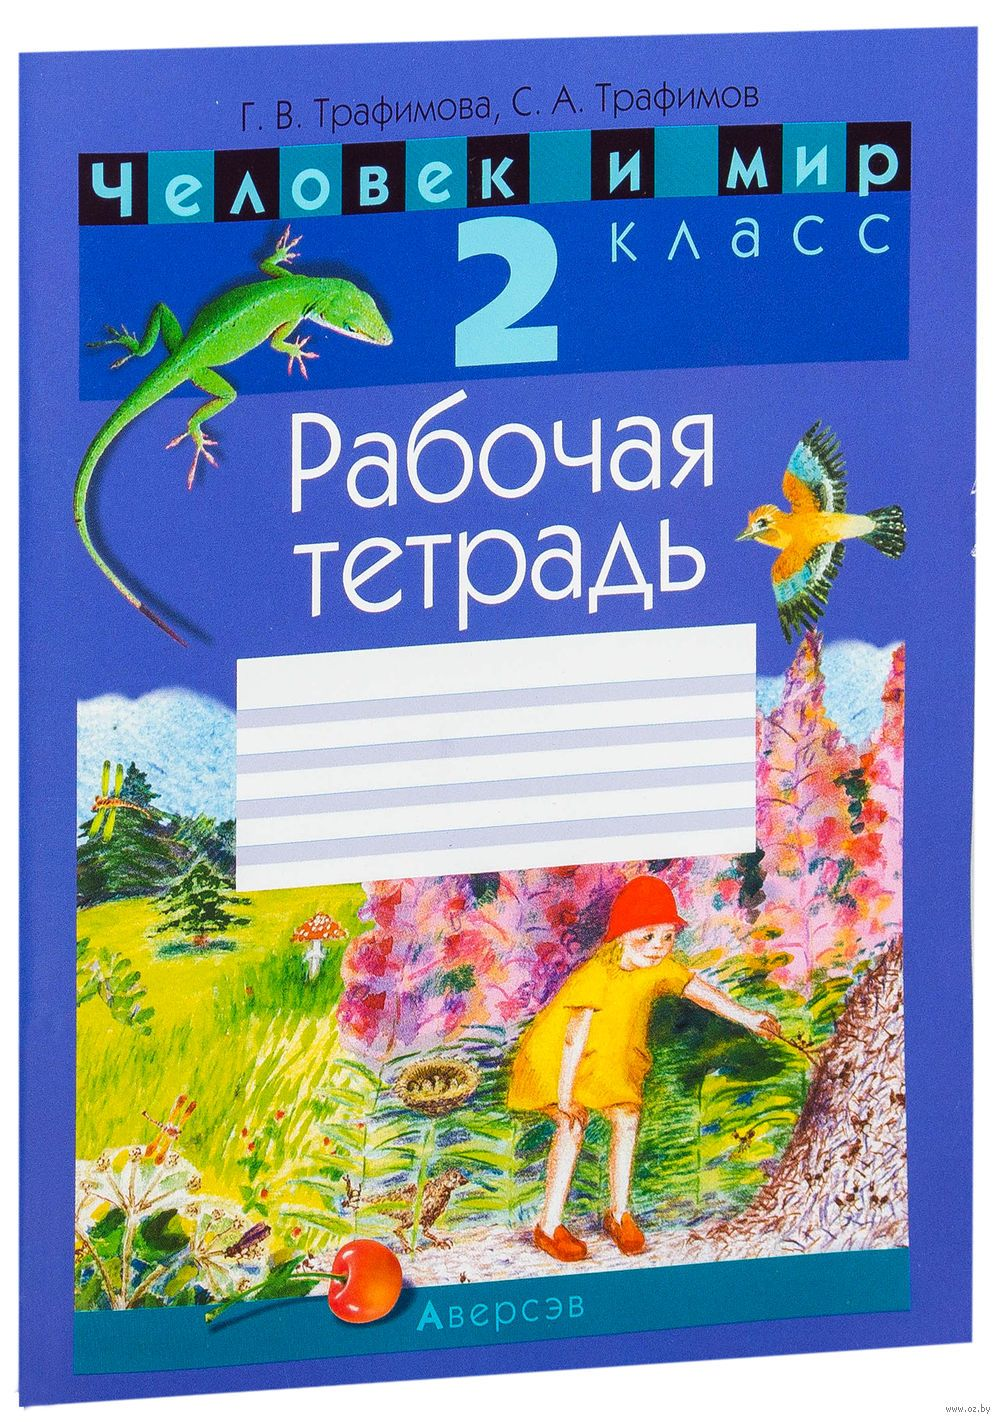 Обществознание 10 класс кравченко русское слово